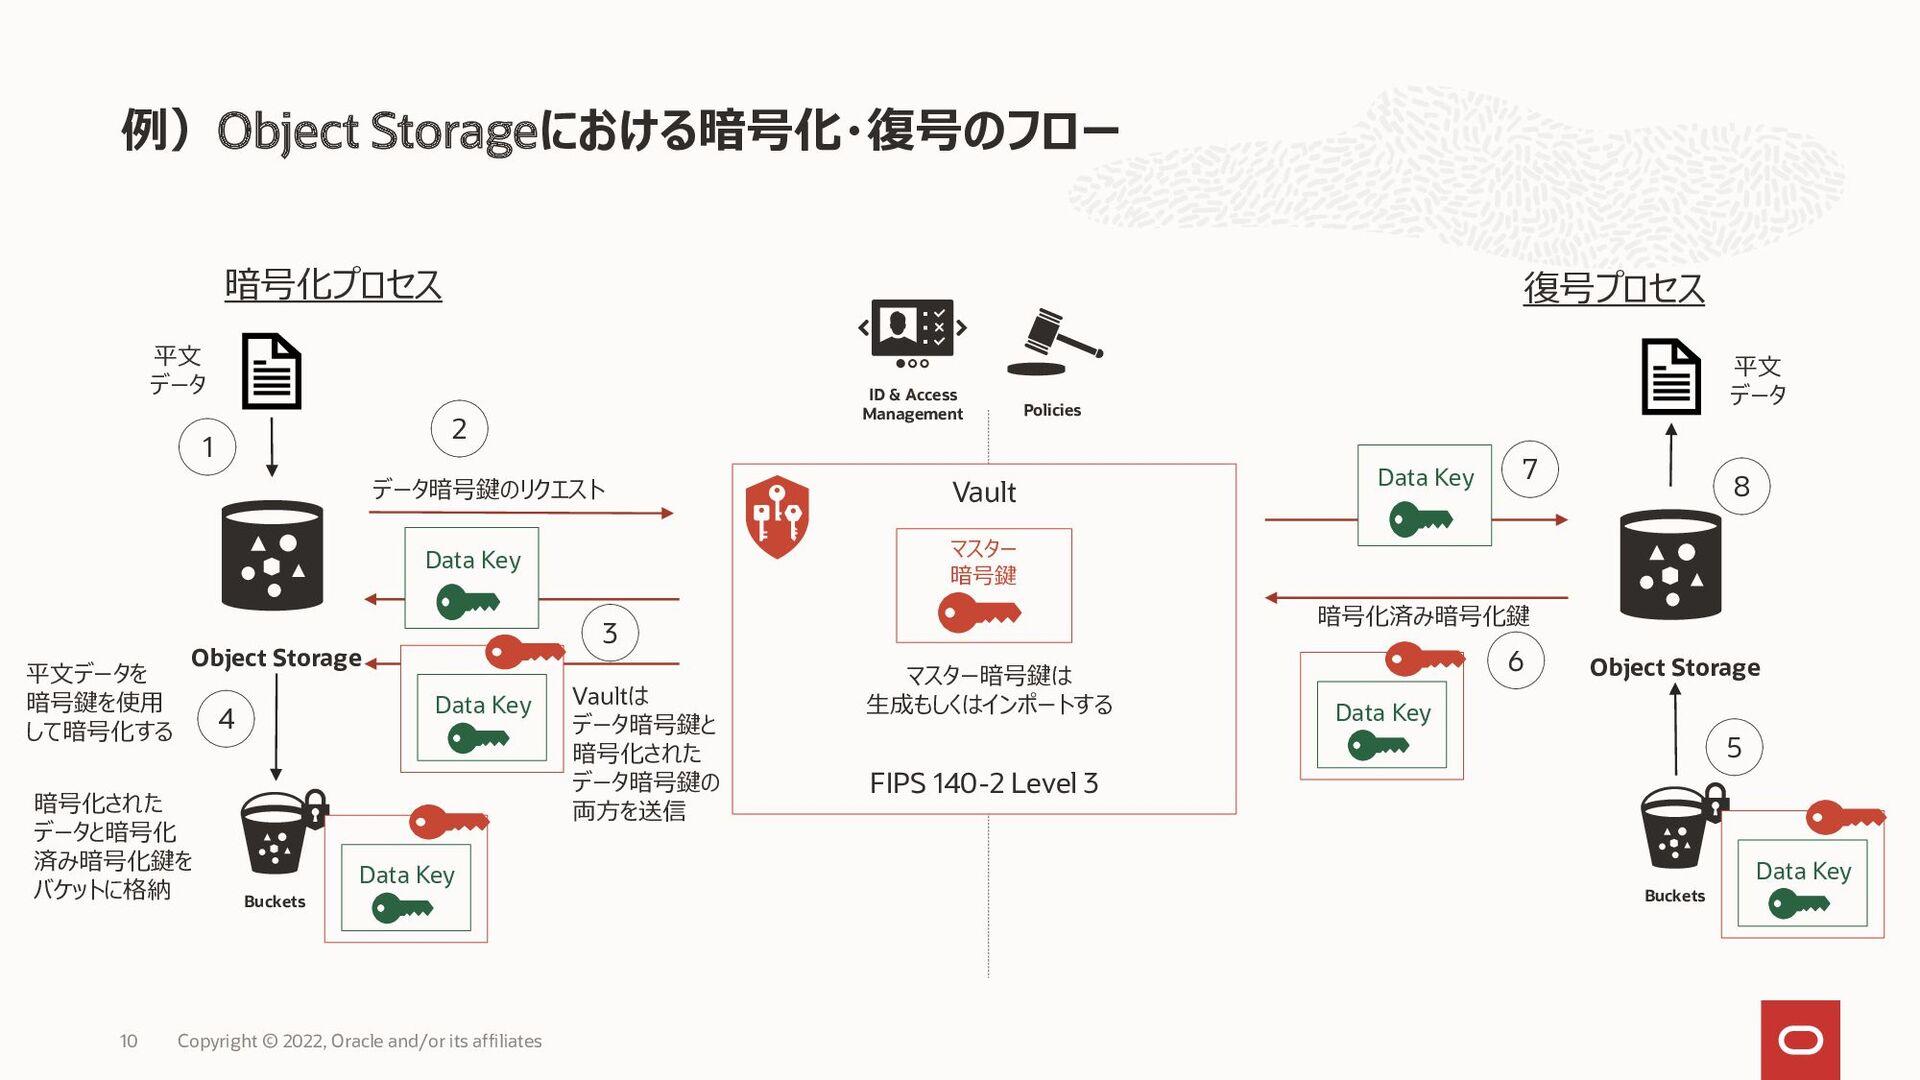 公開鍵を用いた暗号及びデジタル署名のフロー 10 送信者 受信者 平文データ 暗号化 データ ...